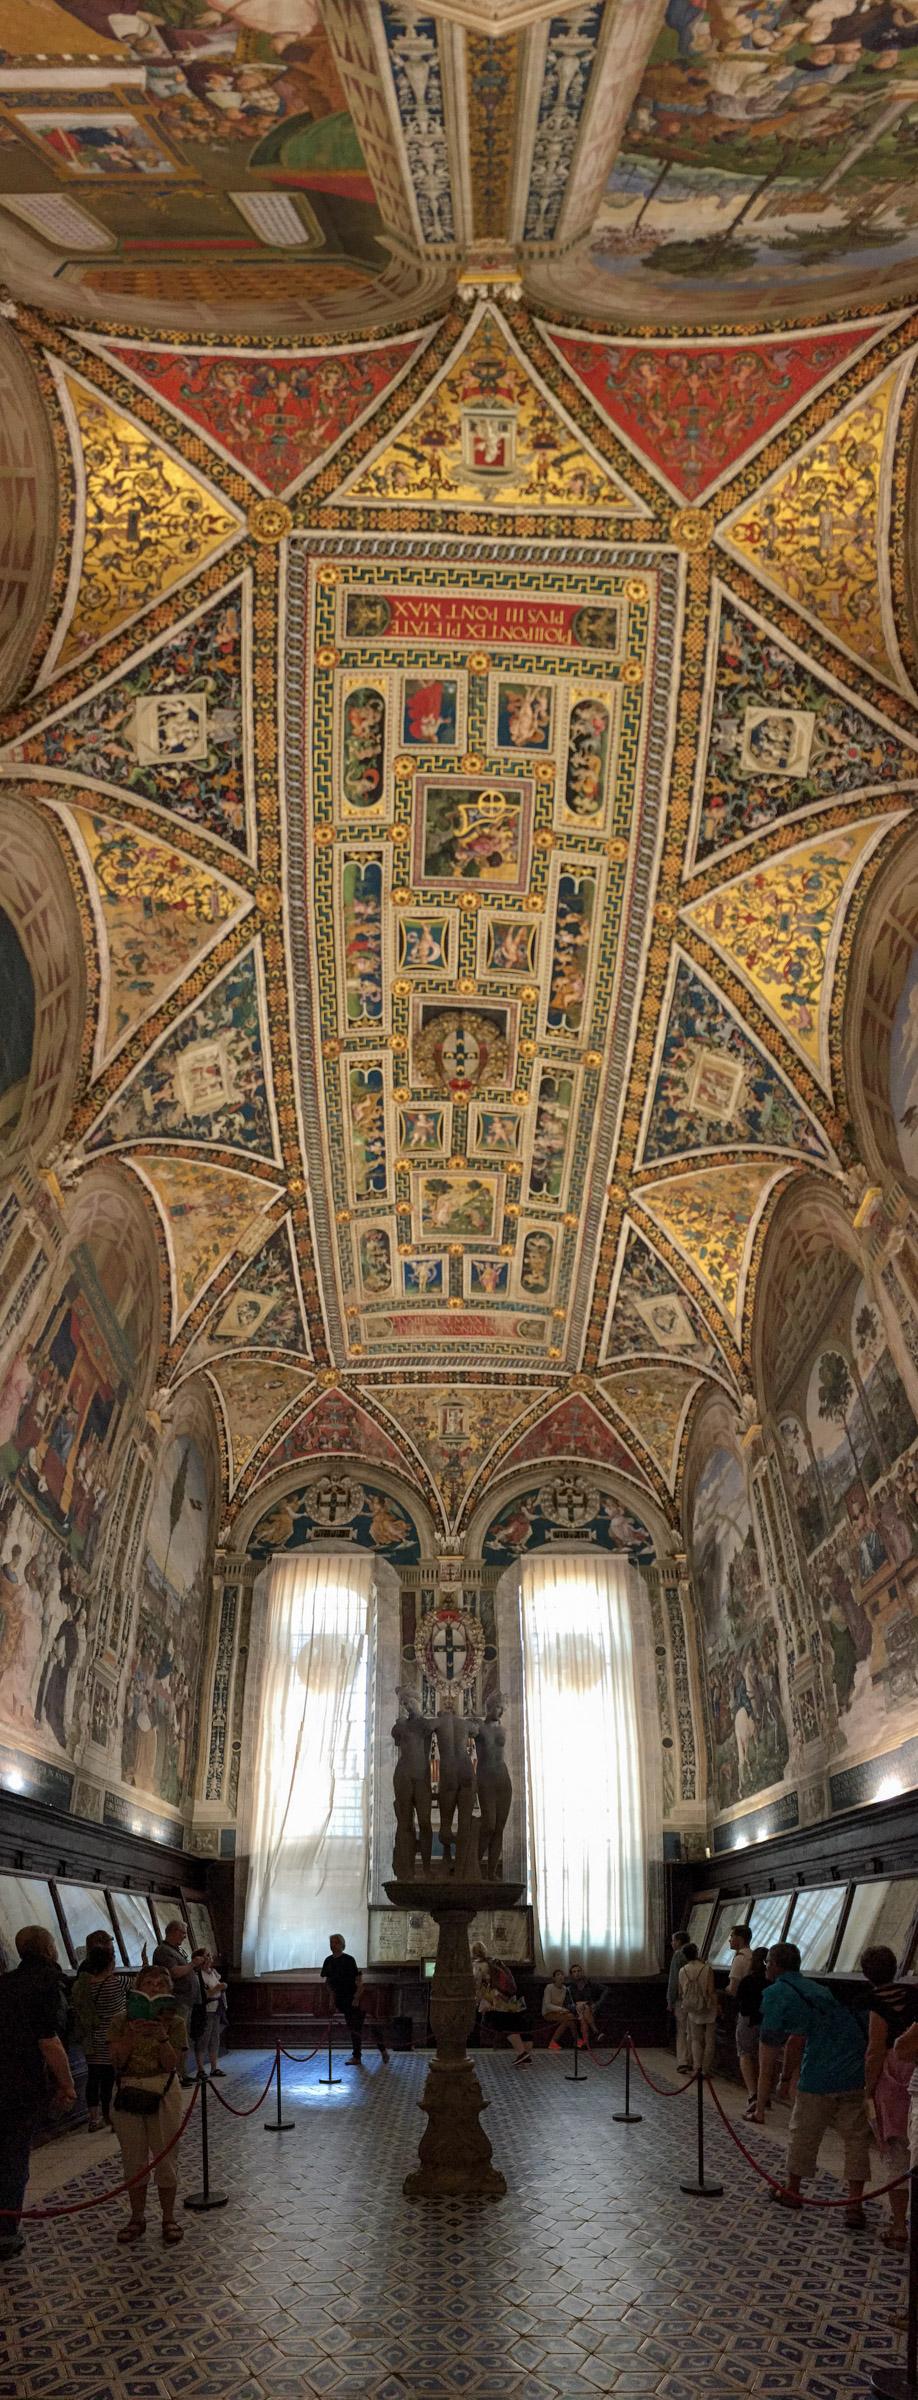 Siena, Tuscany, Italy   Reid Burchell Photography